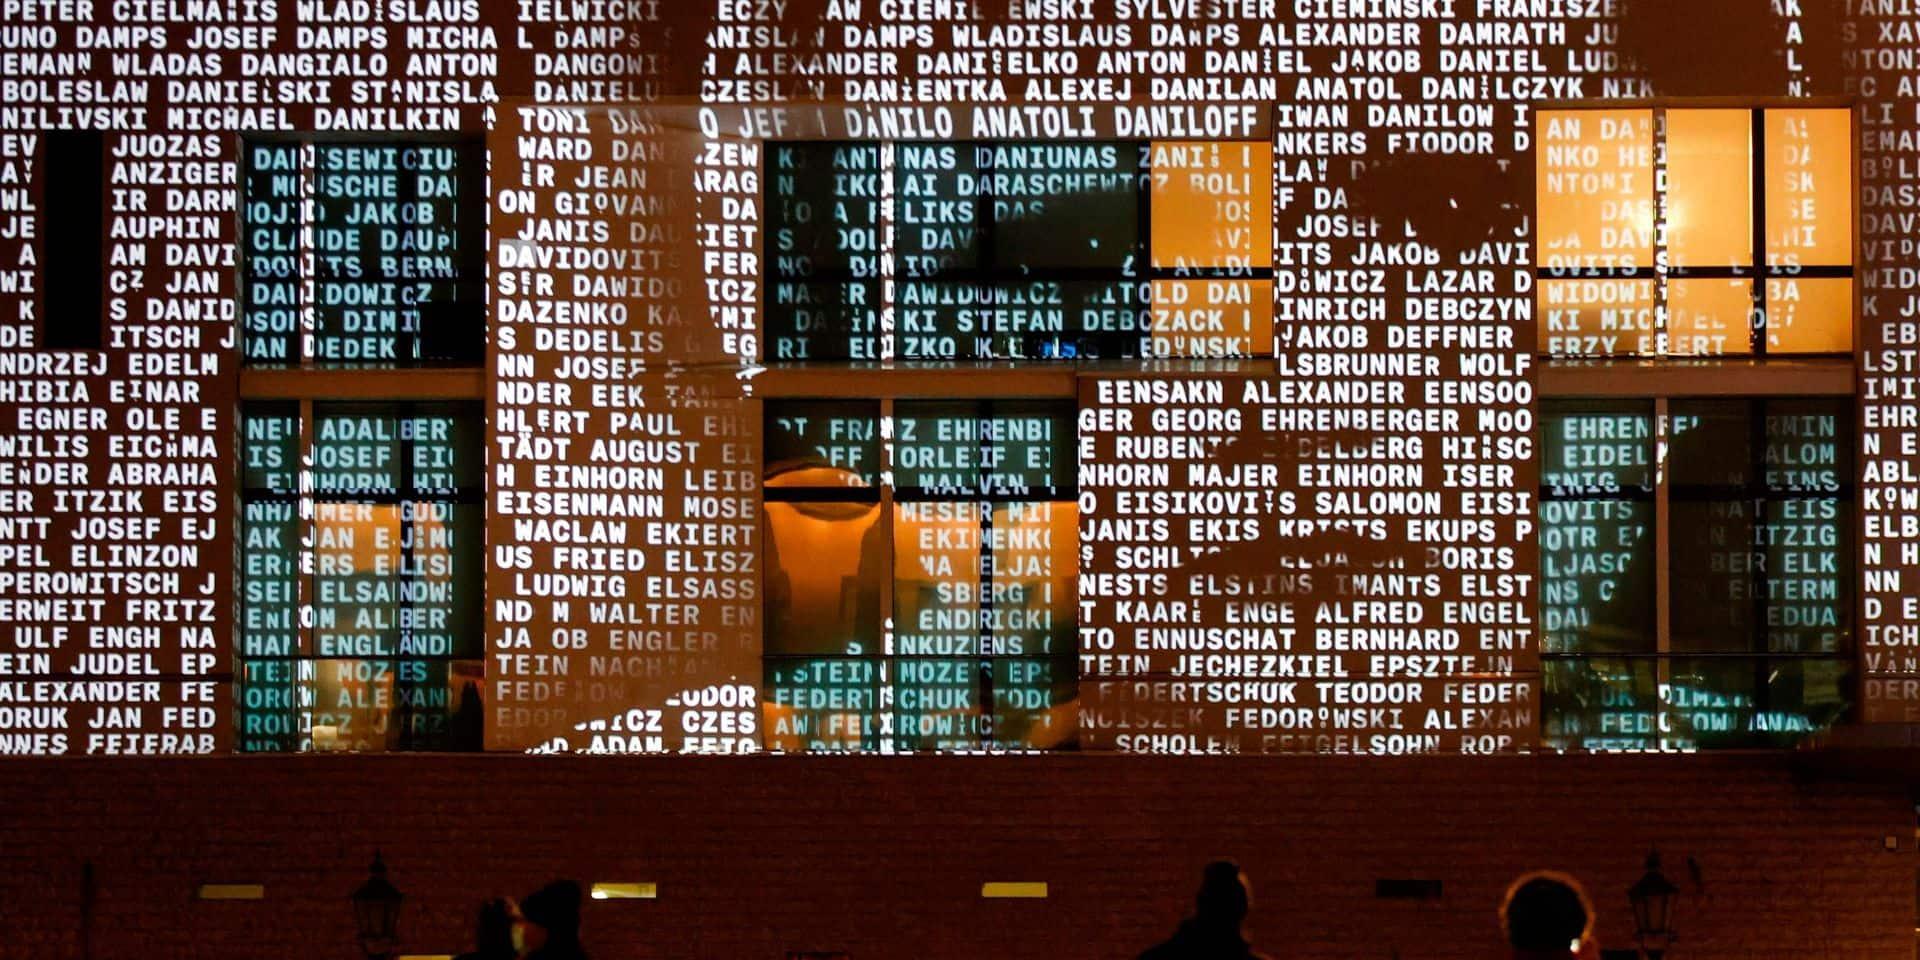 #everynamecounts: un mémorial numérique dédié aux victimes du nazisme